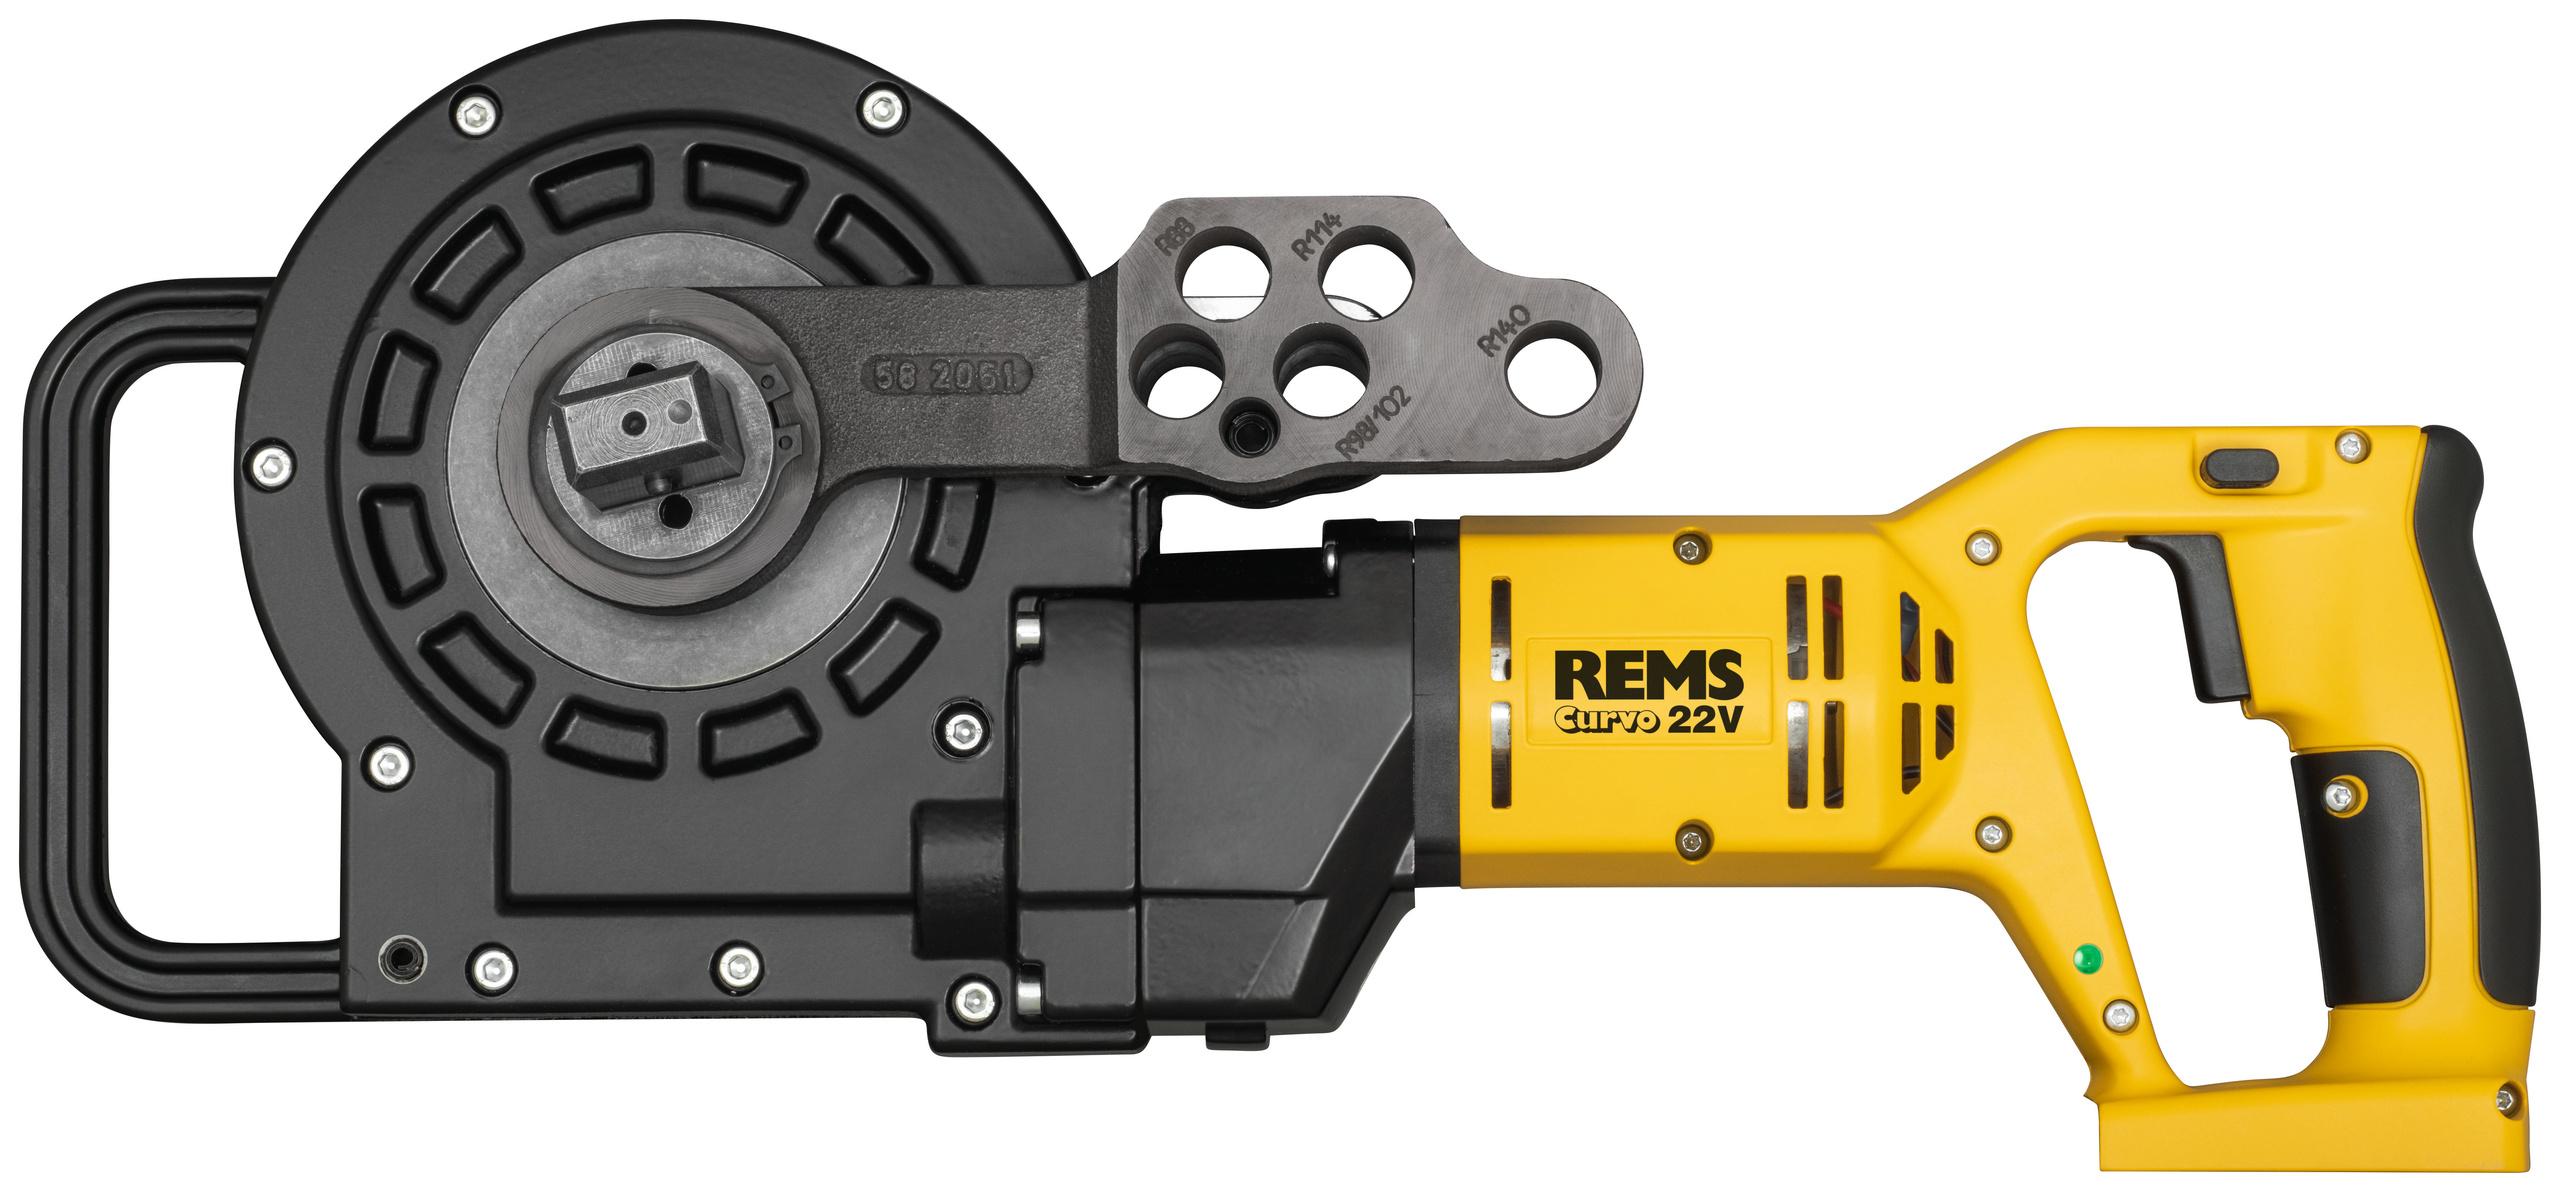 <br/>REMS Akku-Curvo 22V drive unit